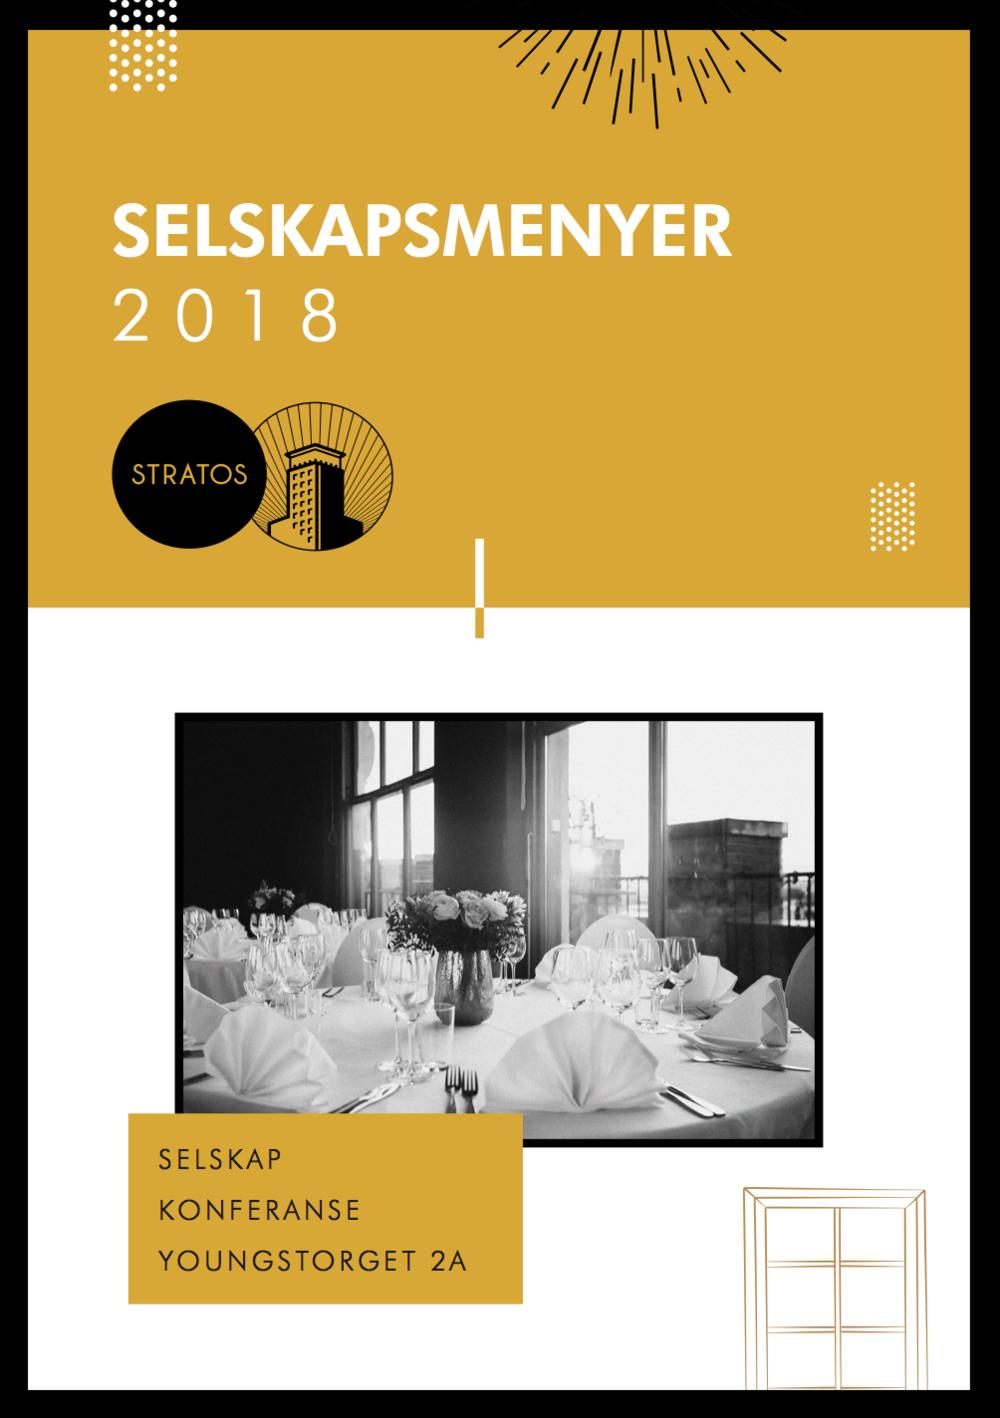 Selskapsmenyer 2018.png